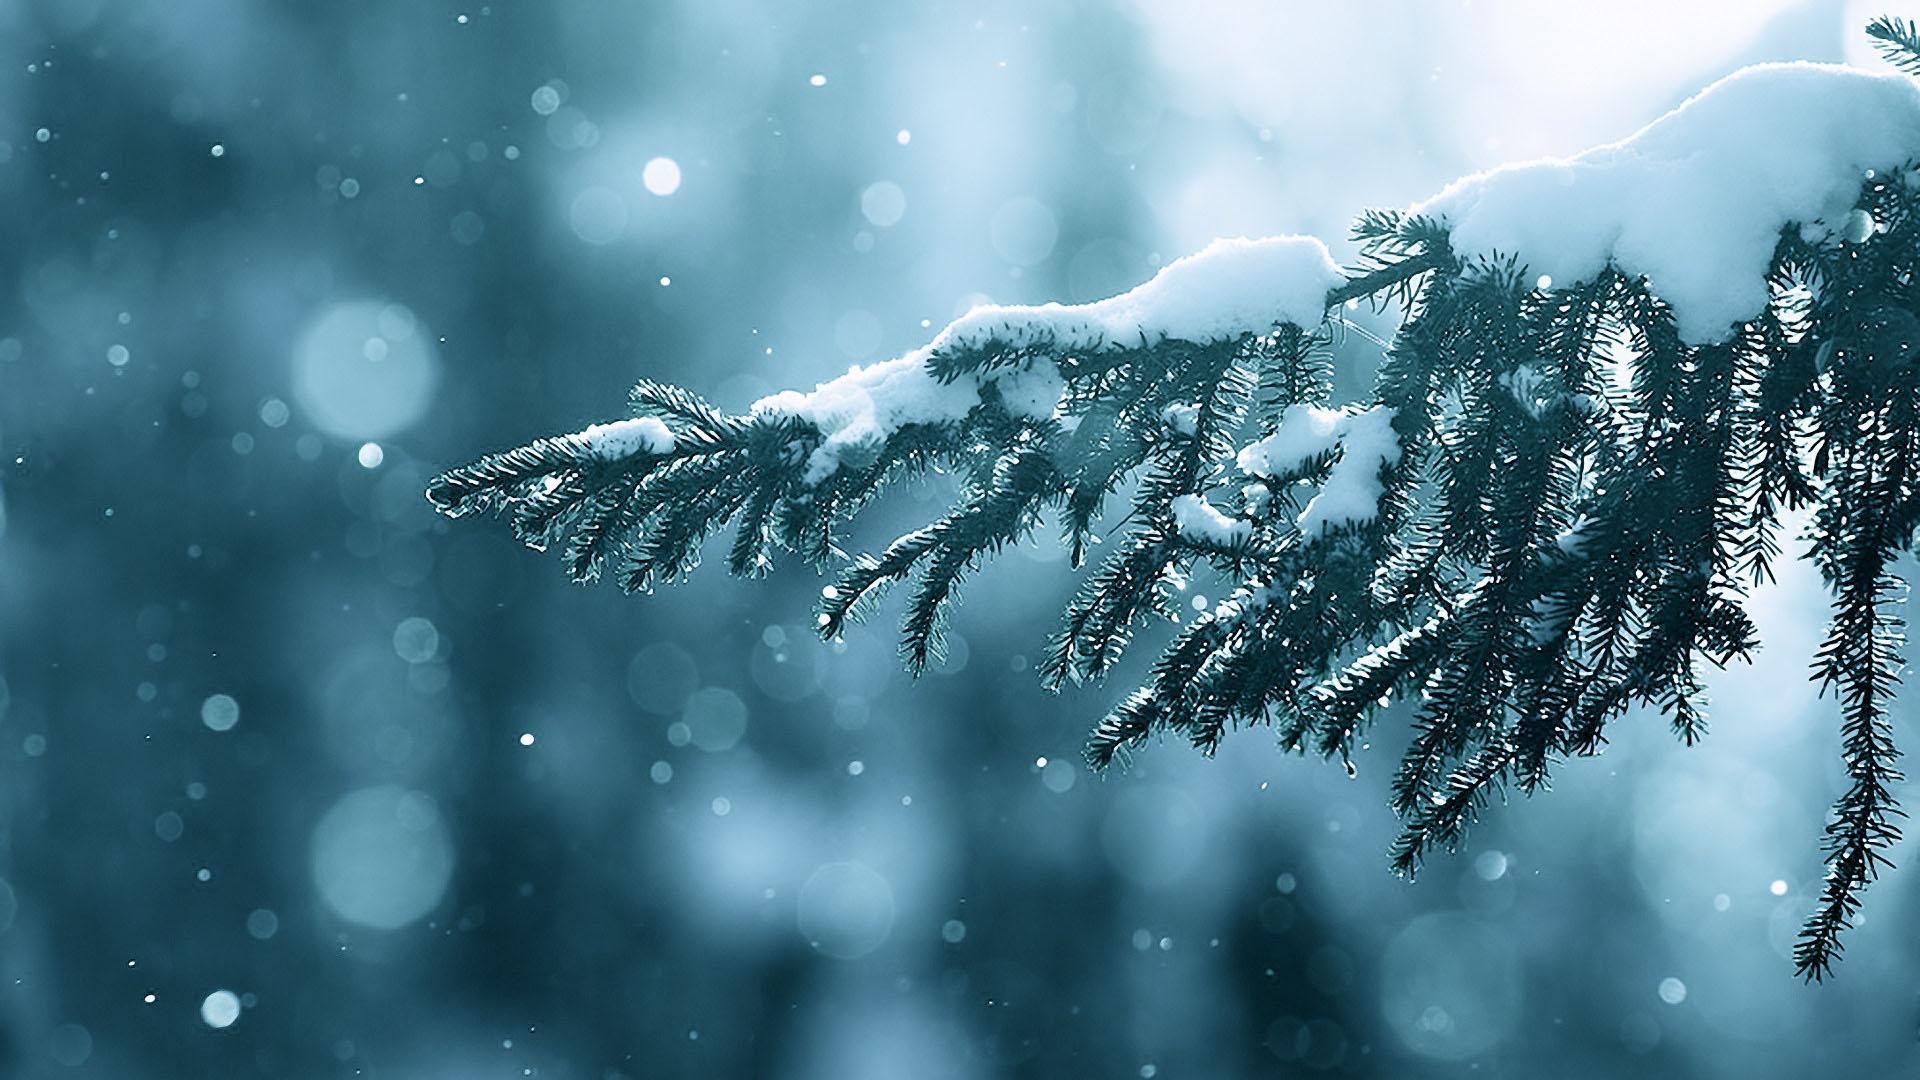 Những hình nền mùa đông đẹp nhất